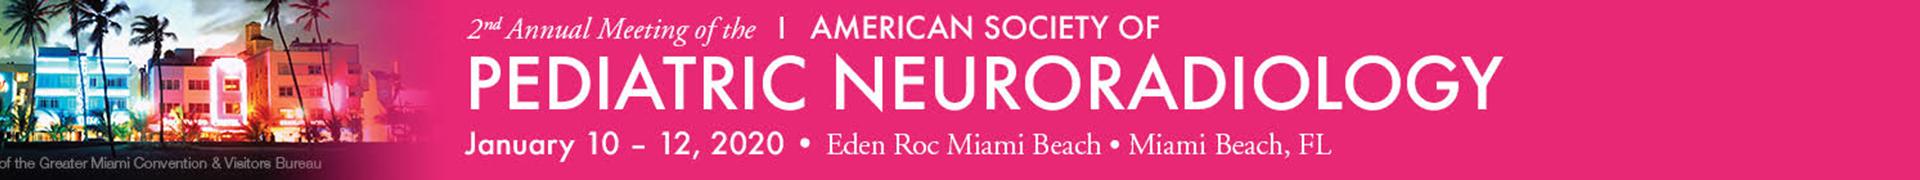 ASPNR 2020 Event Banner